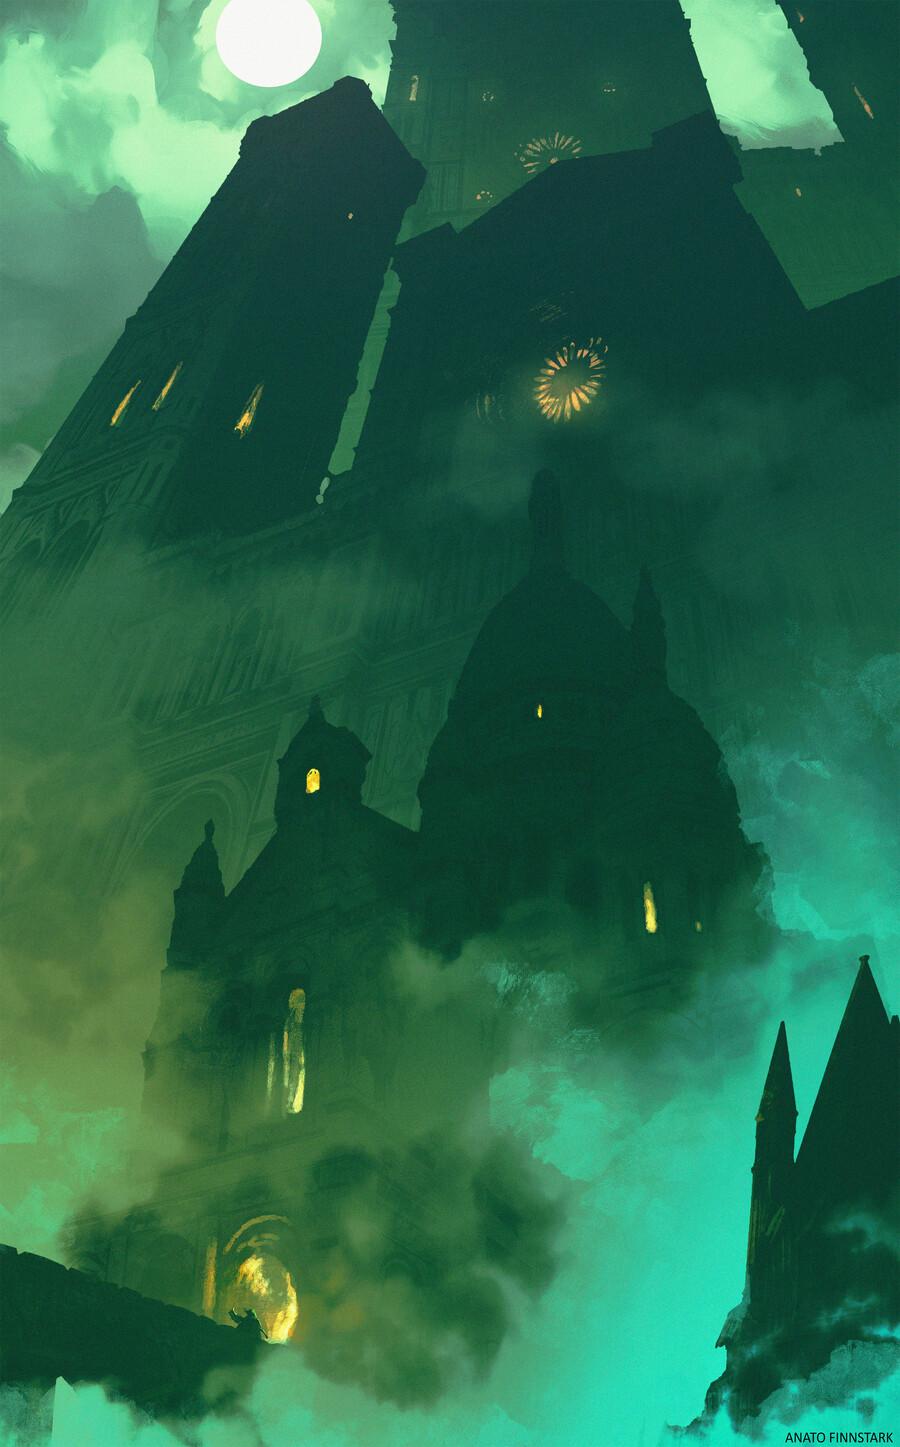 The Belly Of The Beast Bloodborne By Anatofinnstark On Deviantart